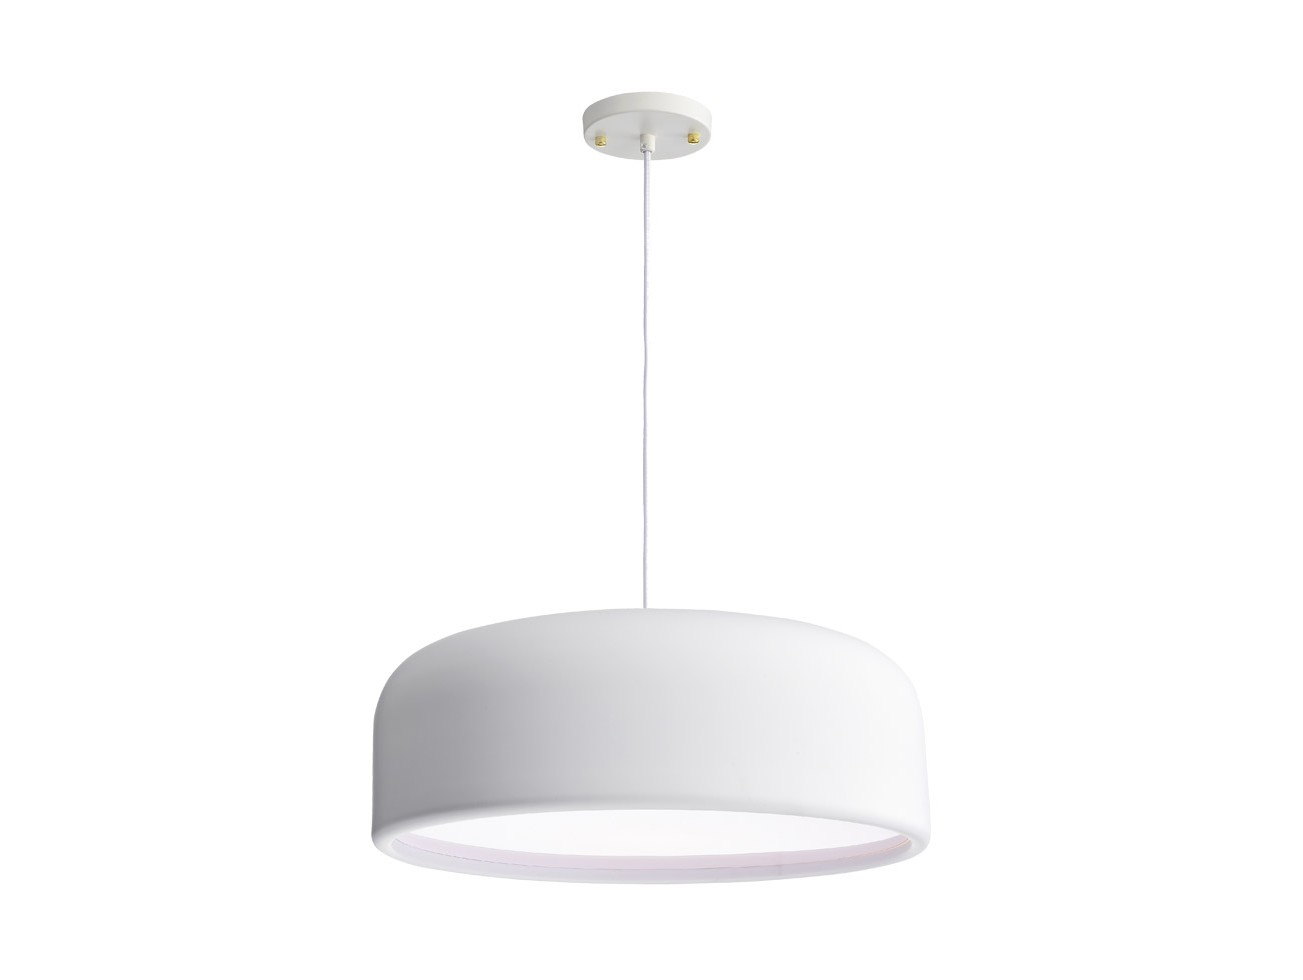 Светильник loire (gramercy) белый 22 см. фото